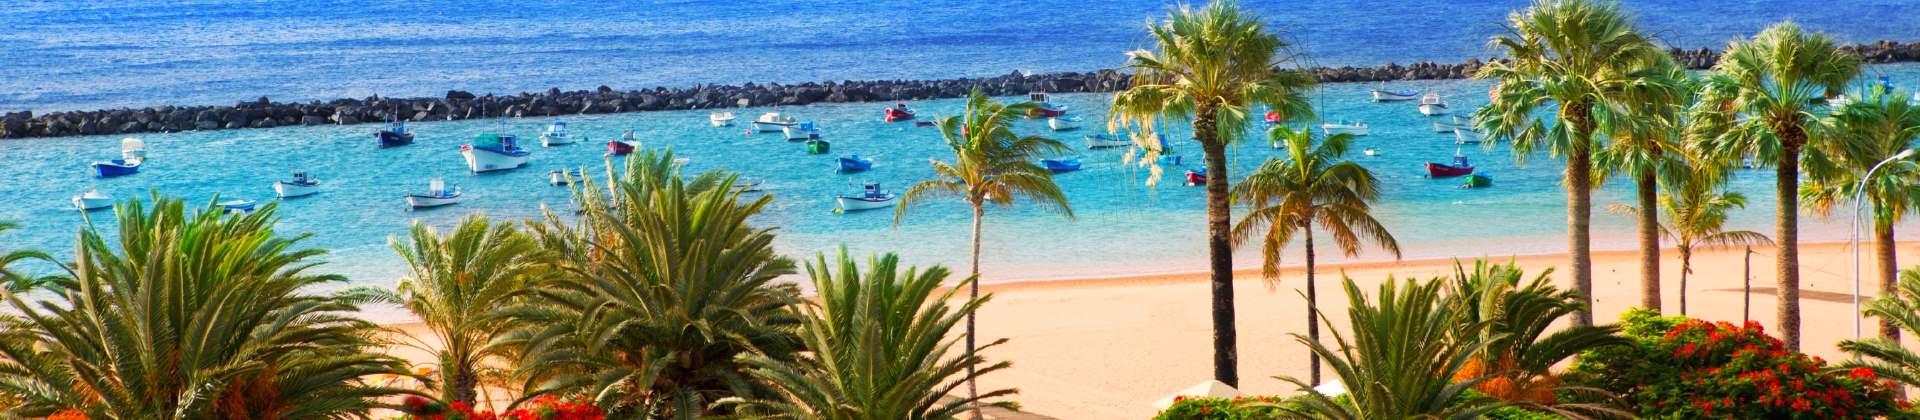 Beste reistijd Tenerife